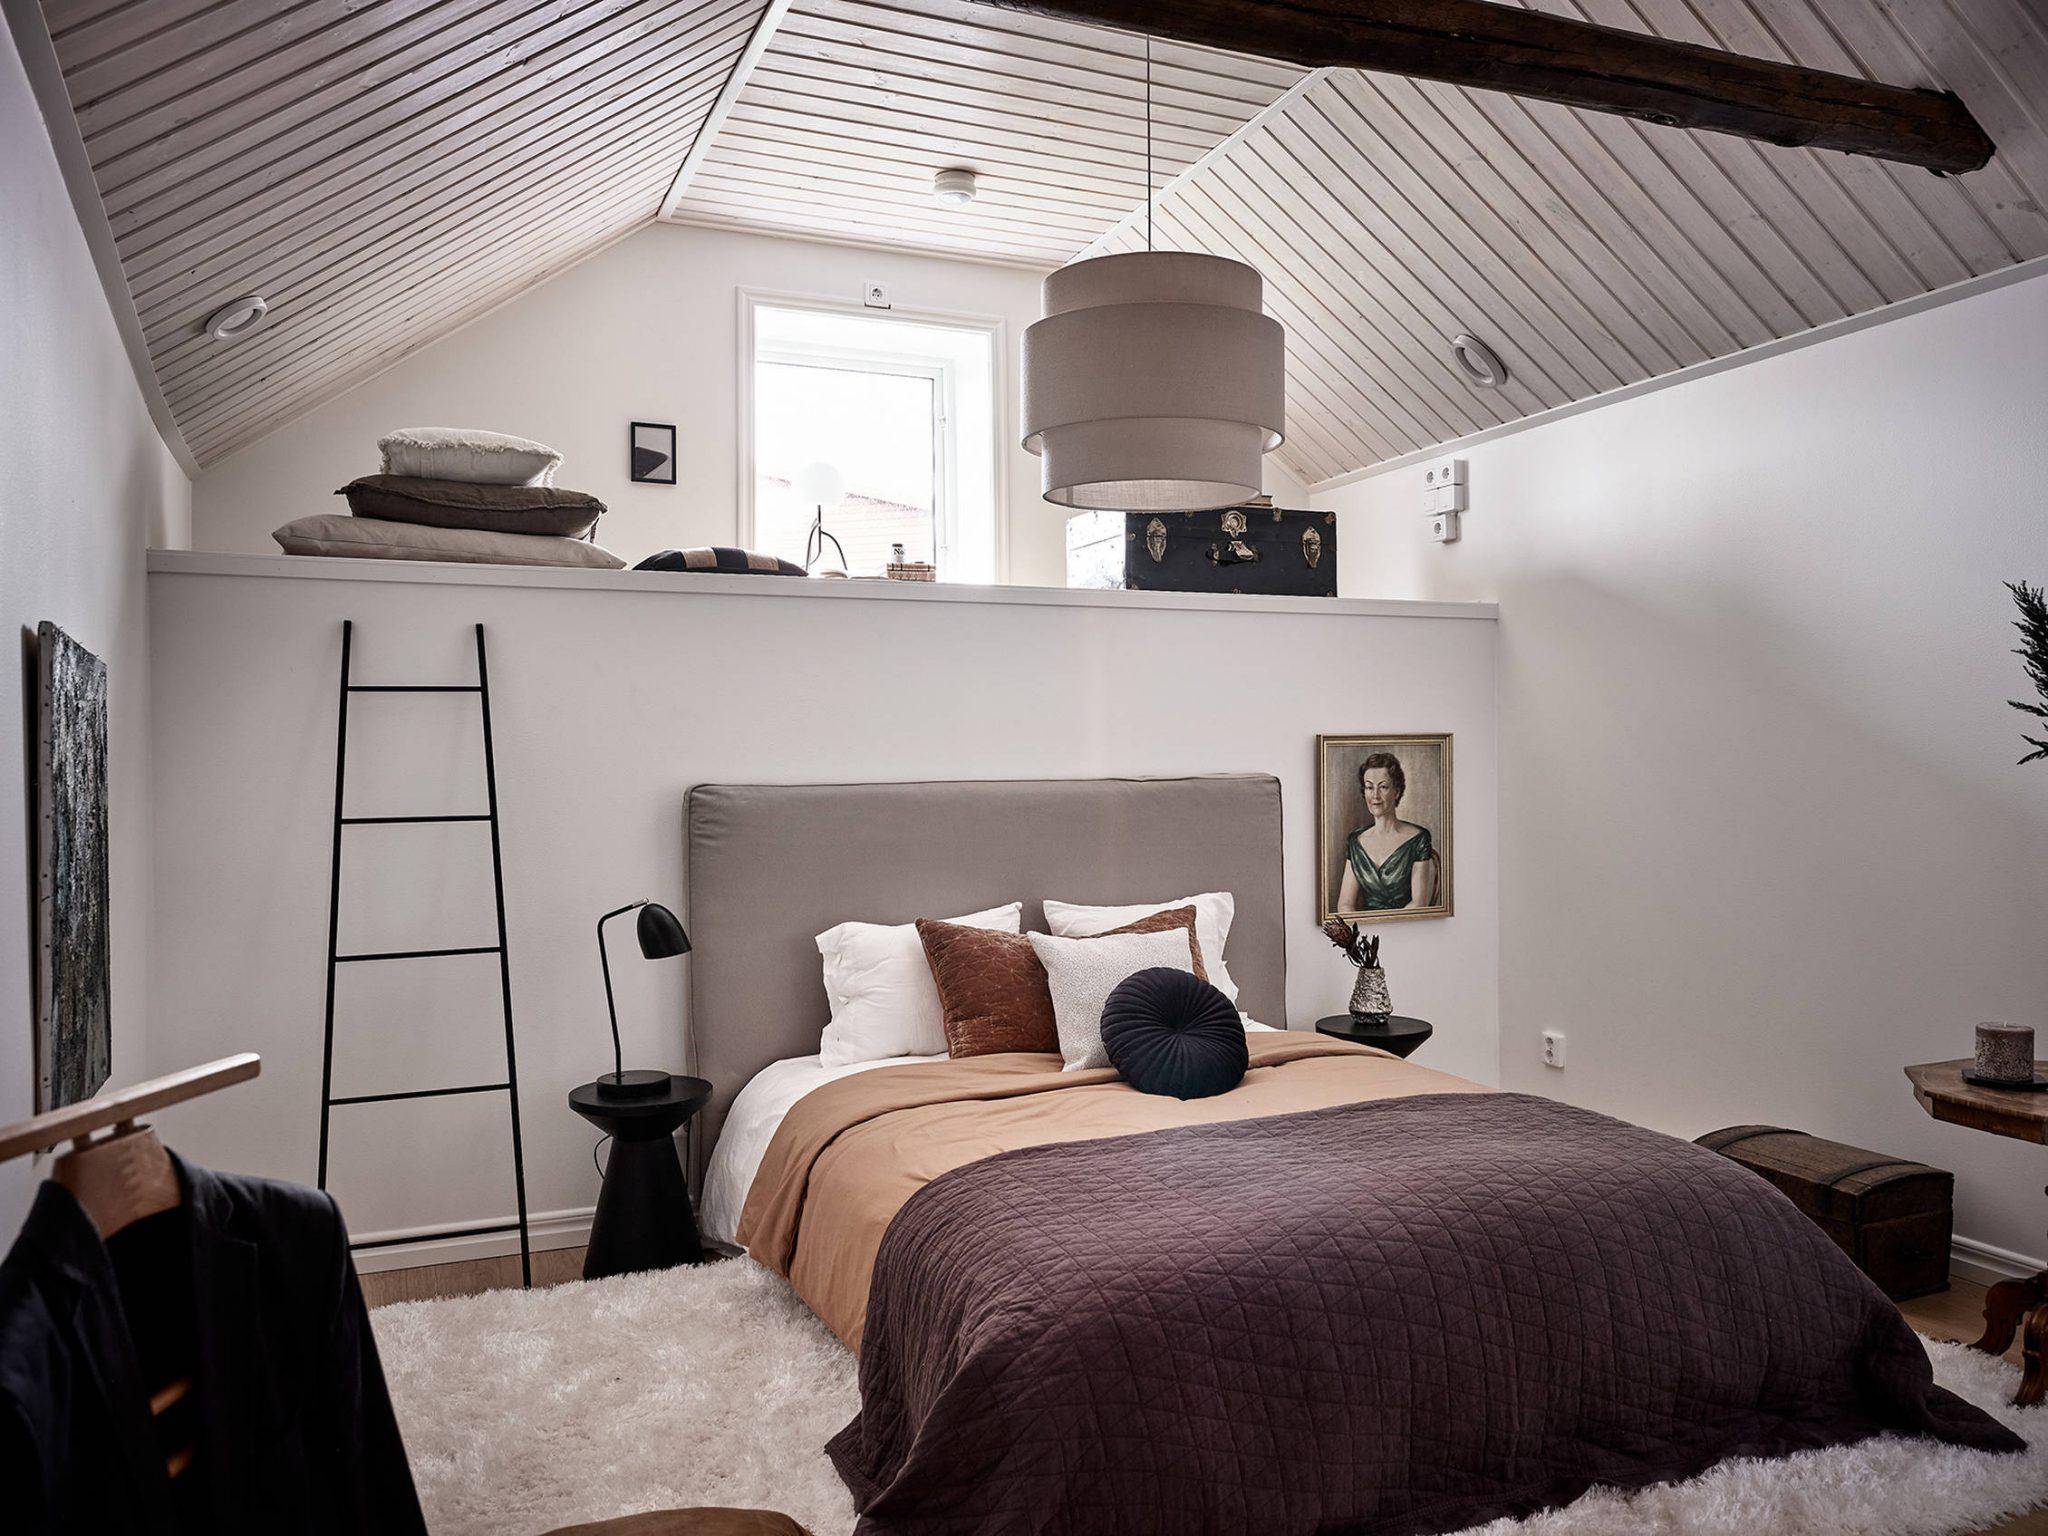 Tavan înclinat și decor rusti scandinav într o casă din Suedia 8